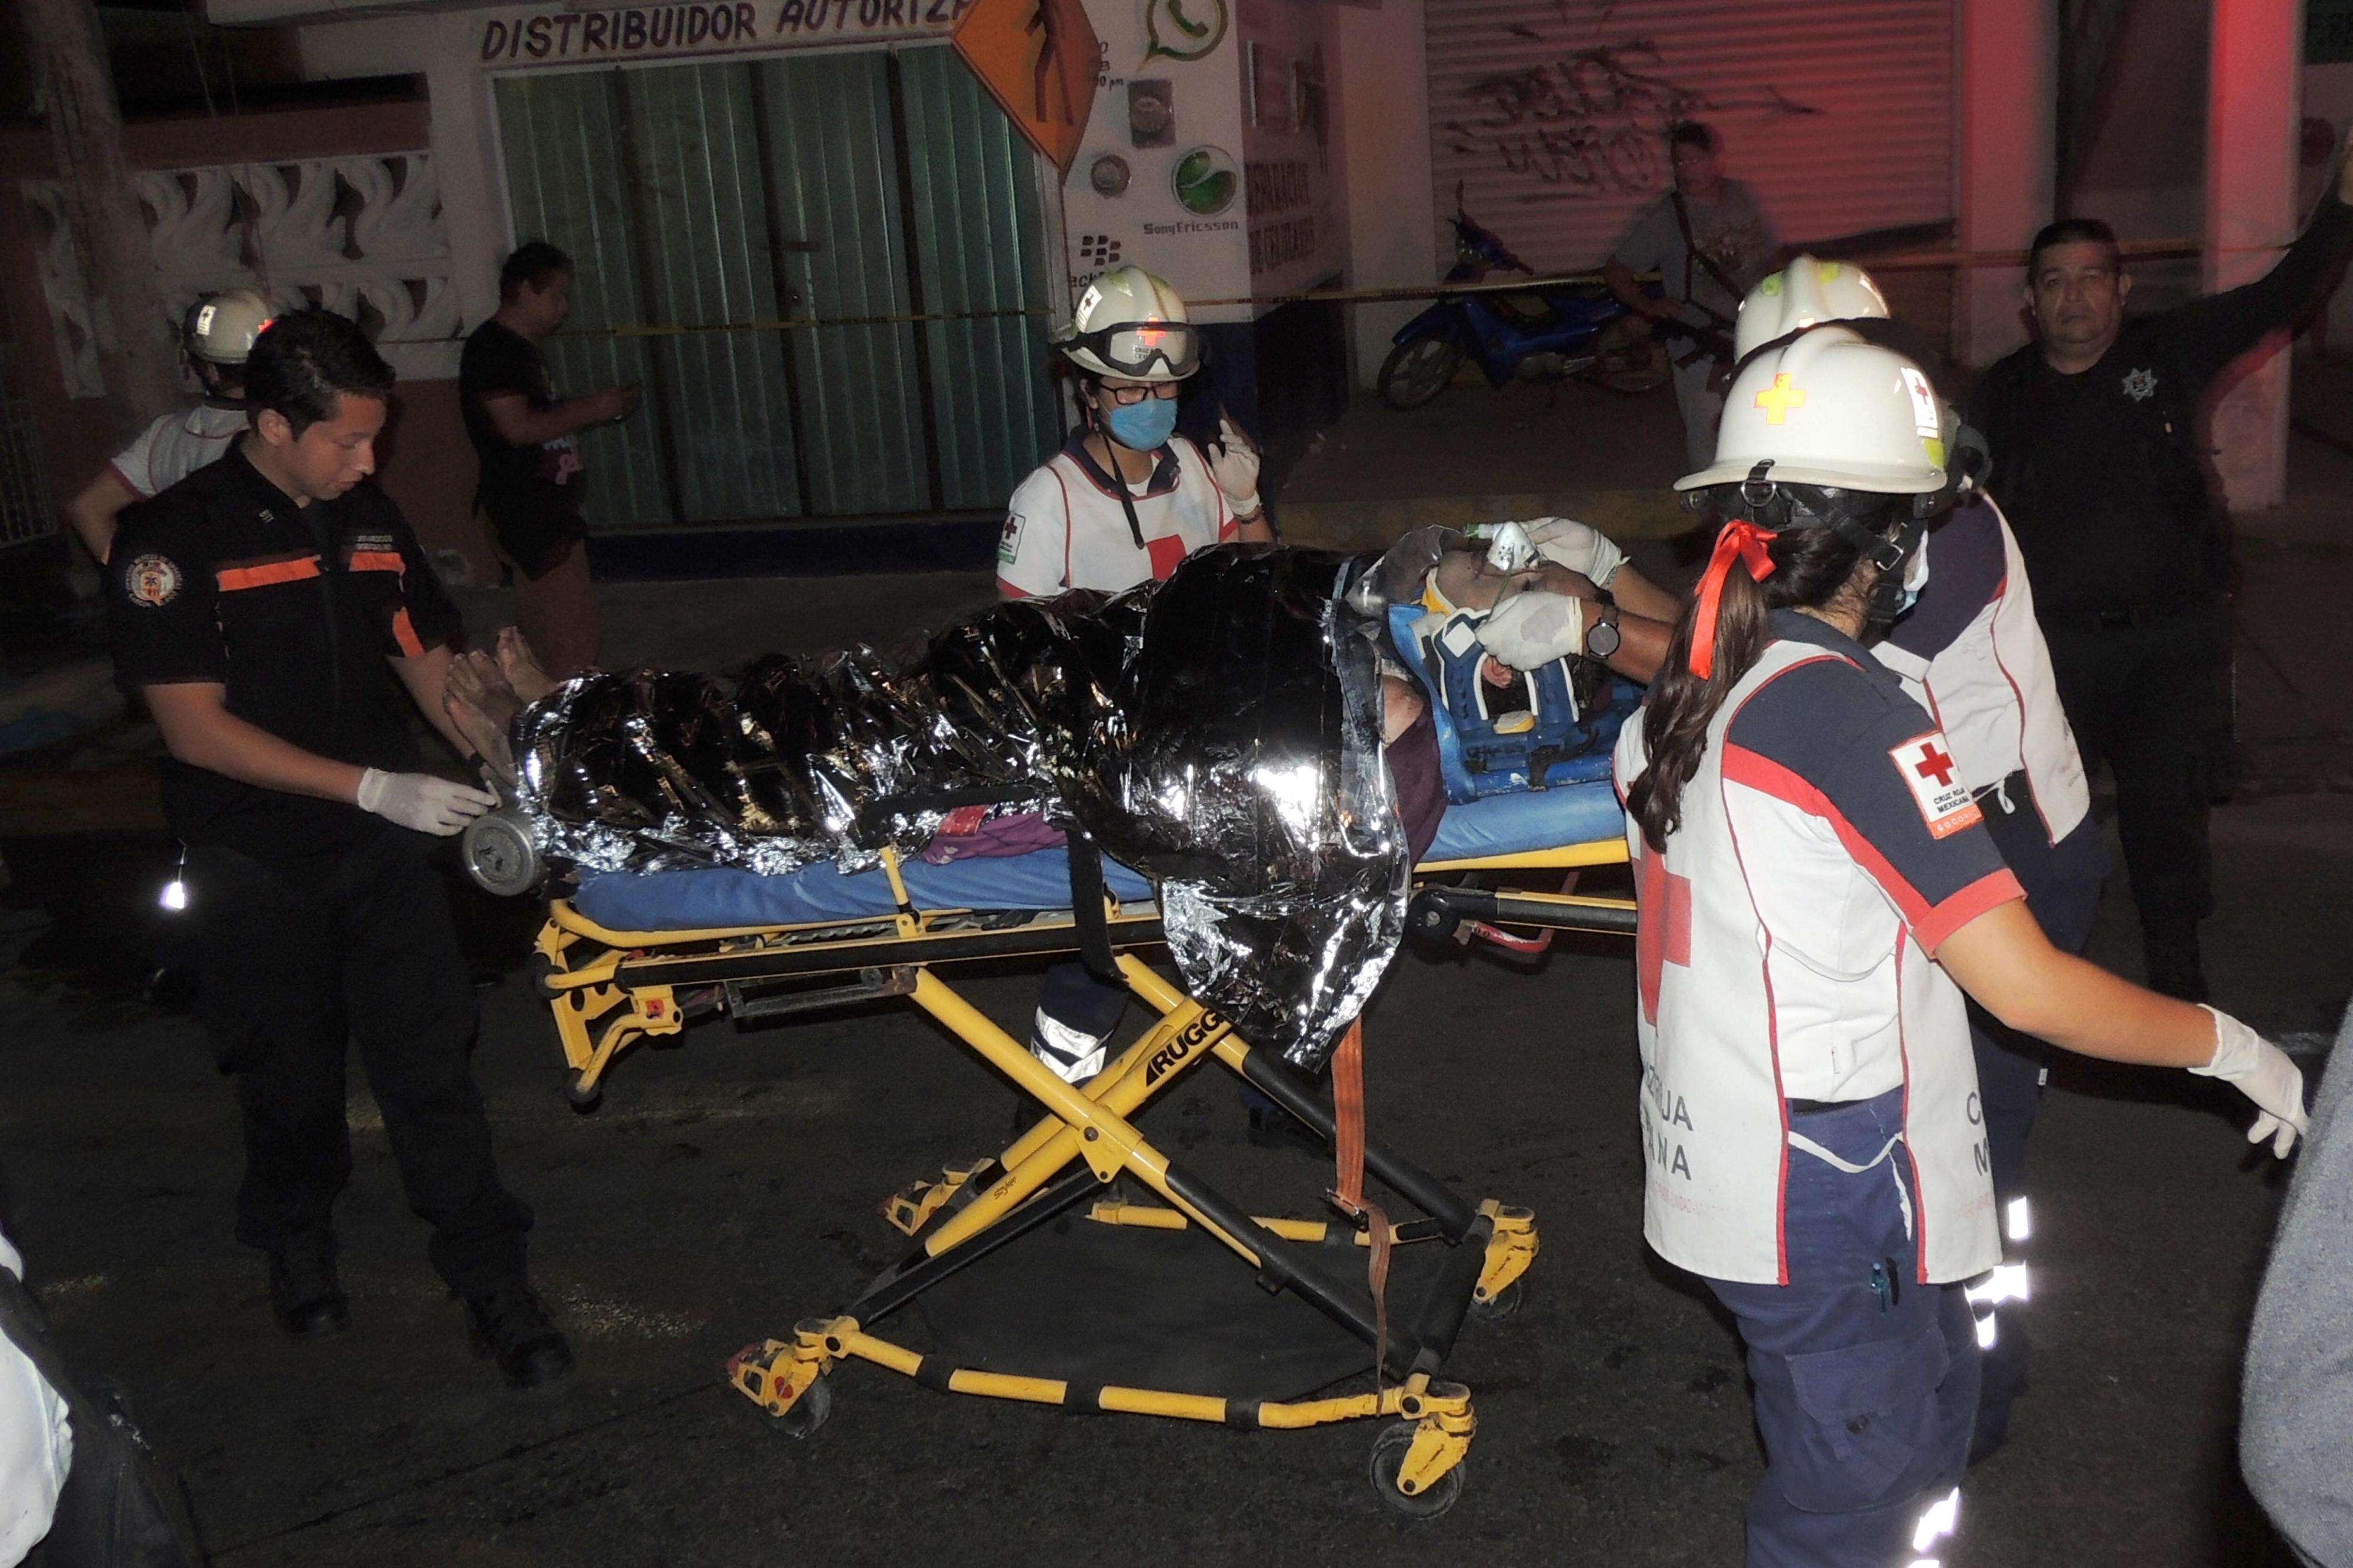 Una mujer muerta y cinco personas heridas de gravedad fue el saldo del ataque a una casa de citas clandestina ubicada en un barrio popular de Cancún, suroriental estado mexicano de Quintana Roo, informó hoy a la Fiscalía estatal. Foto: EFE en español